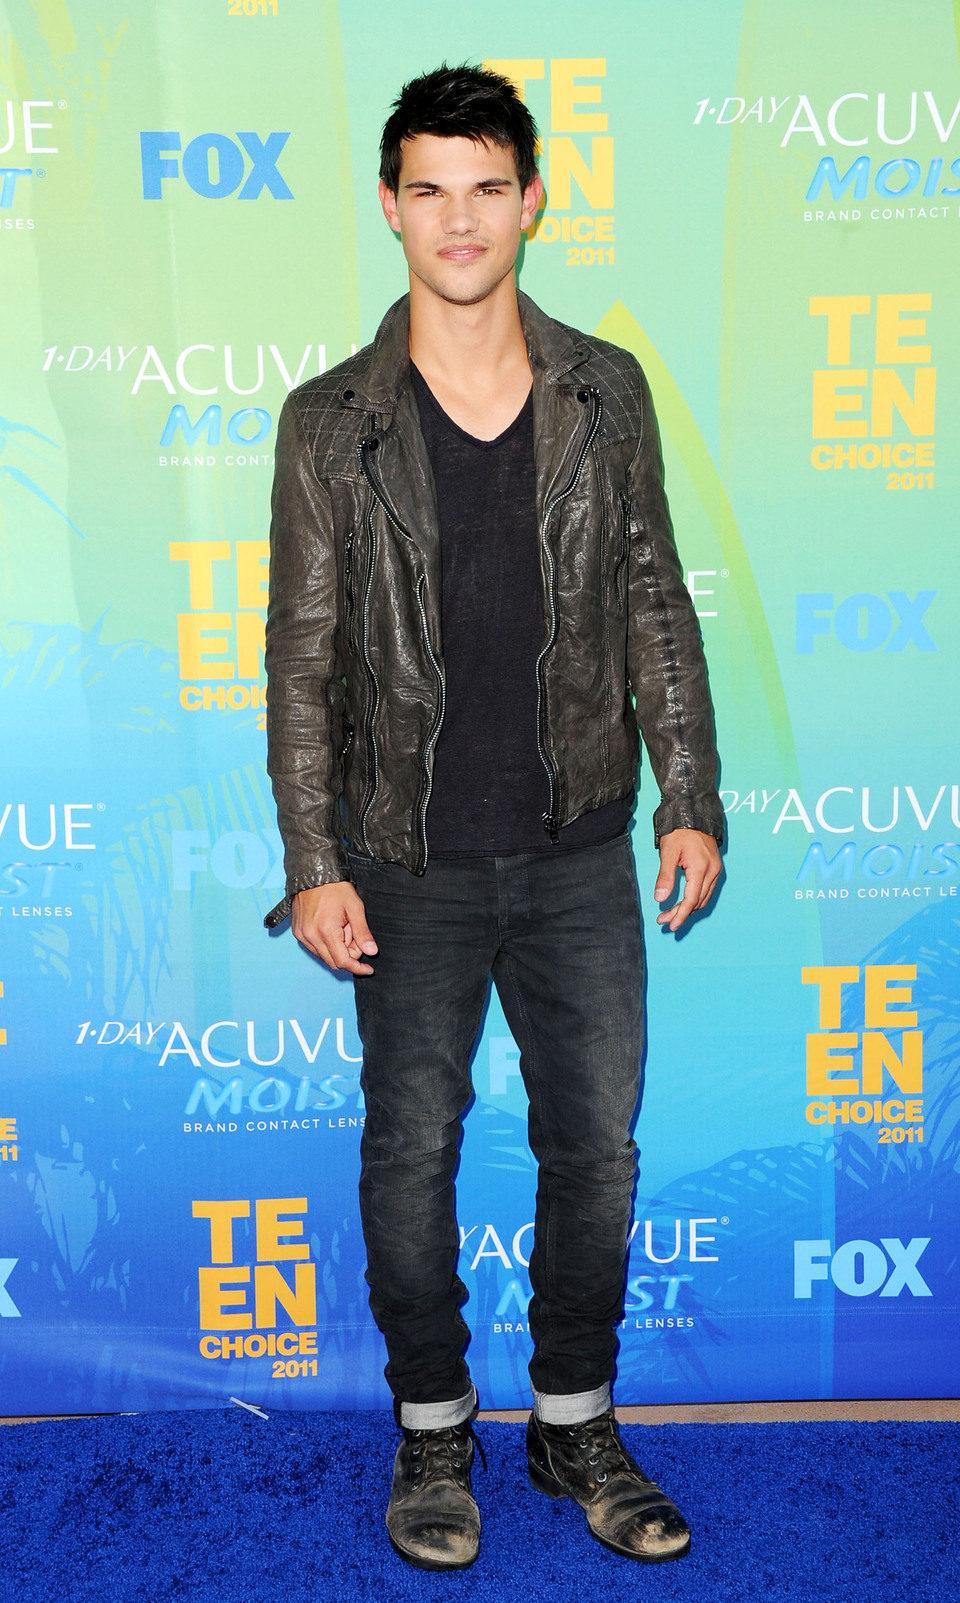 Taylor Lautner en el photocall de los Teen Choice Awards 2011